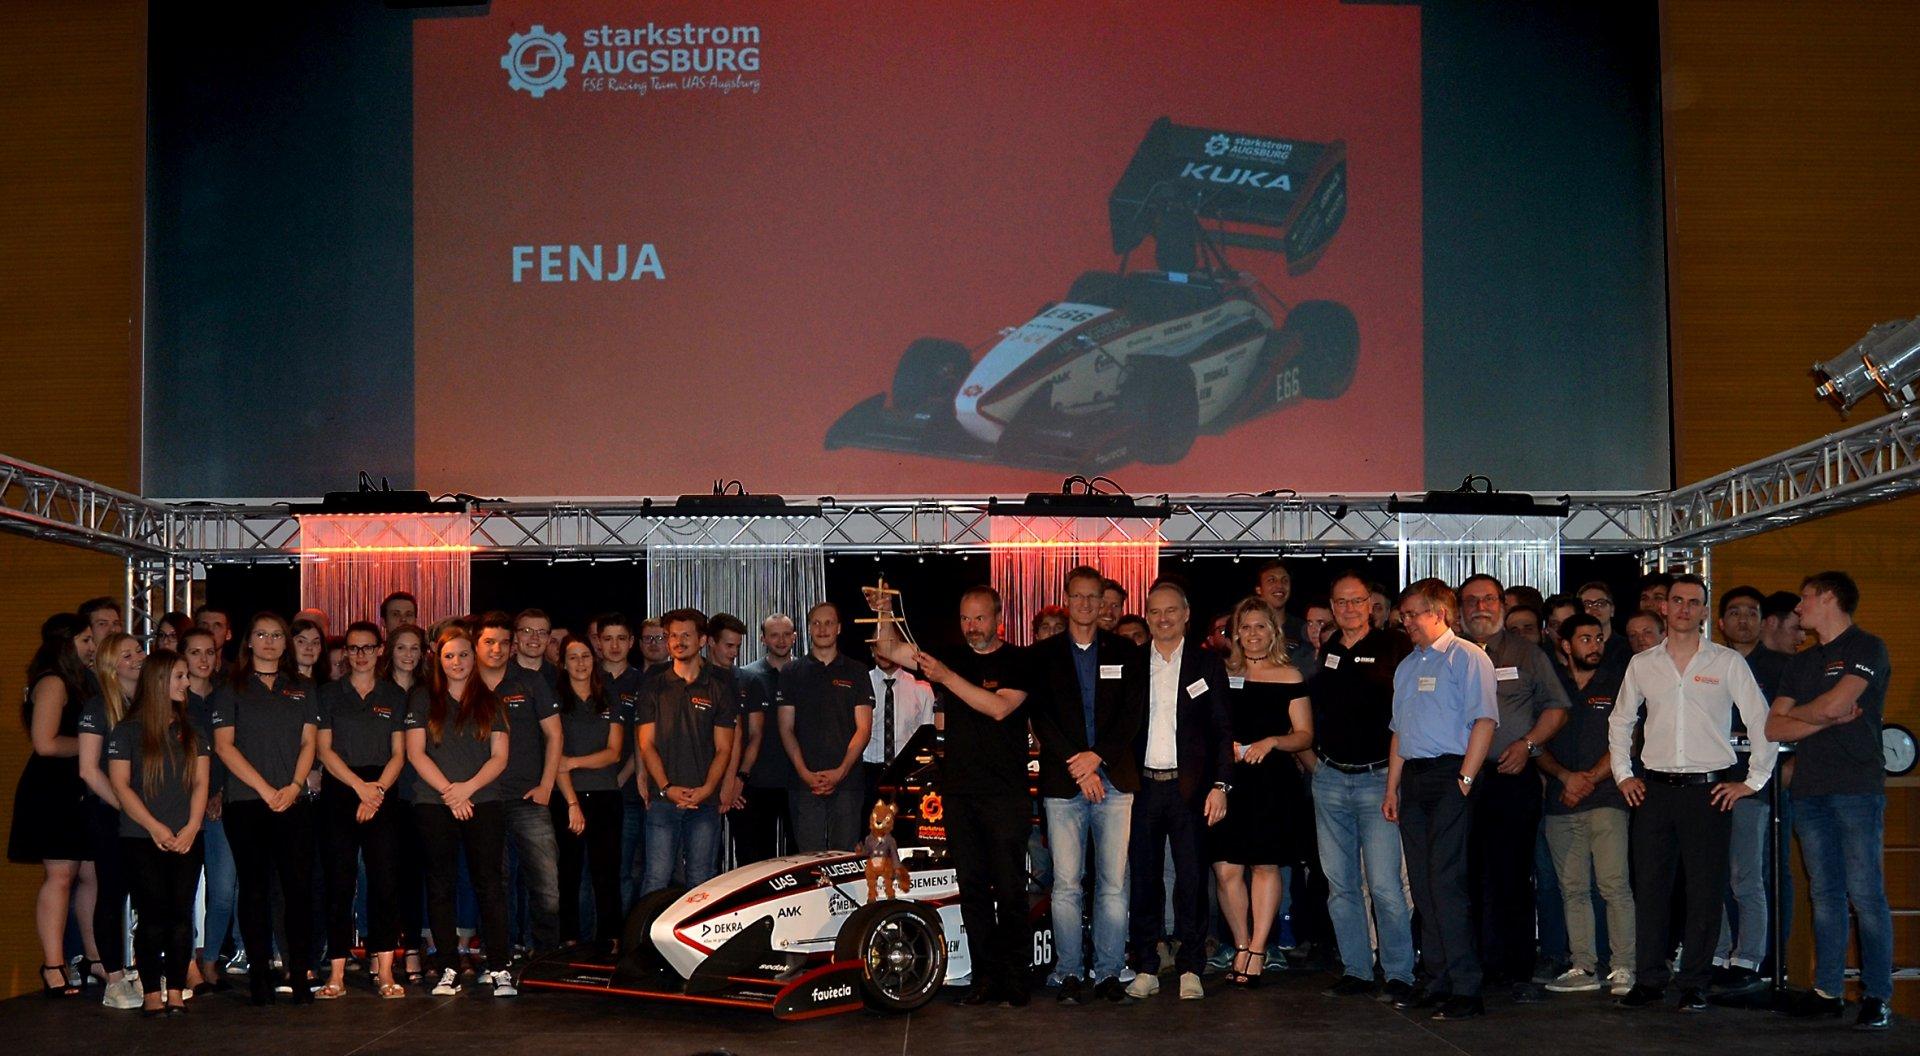 Verbesserte Technologie: Starkstrom Team präsentiert neuen Rennwagen